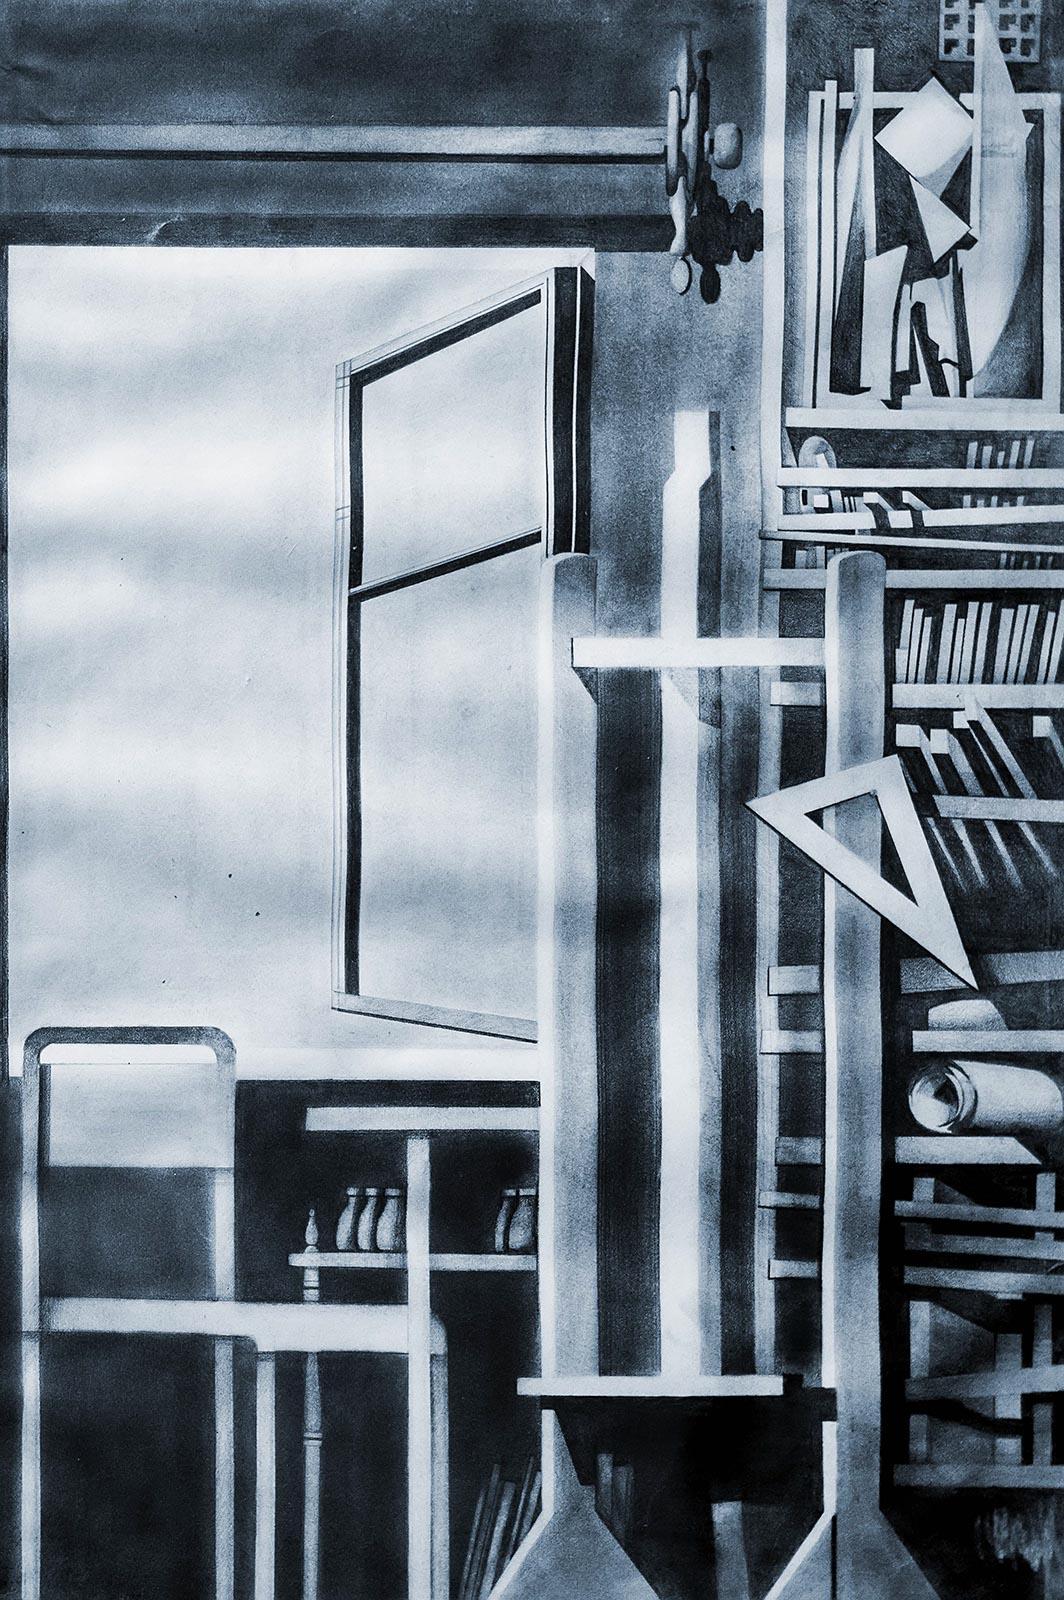 Фото №123326. СКАЧКОВА ИРИНА Камский институт искусств и дизайна г.Набережные Челны ИНТЕРПРЕТАЦИЯ ПО ЛЮБИМОМУ ХУДОЖНИКУ Бумага, карандаш